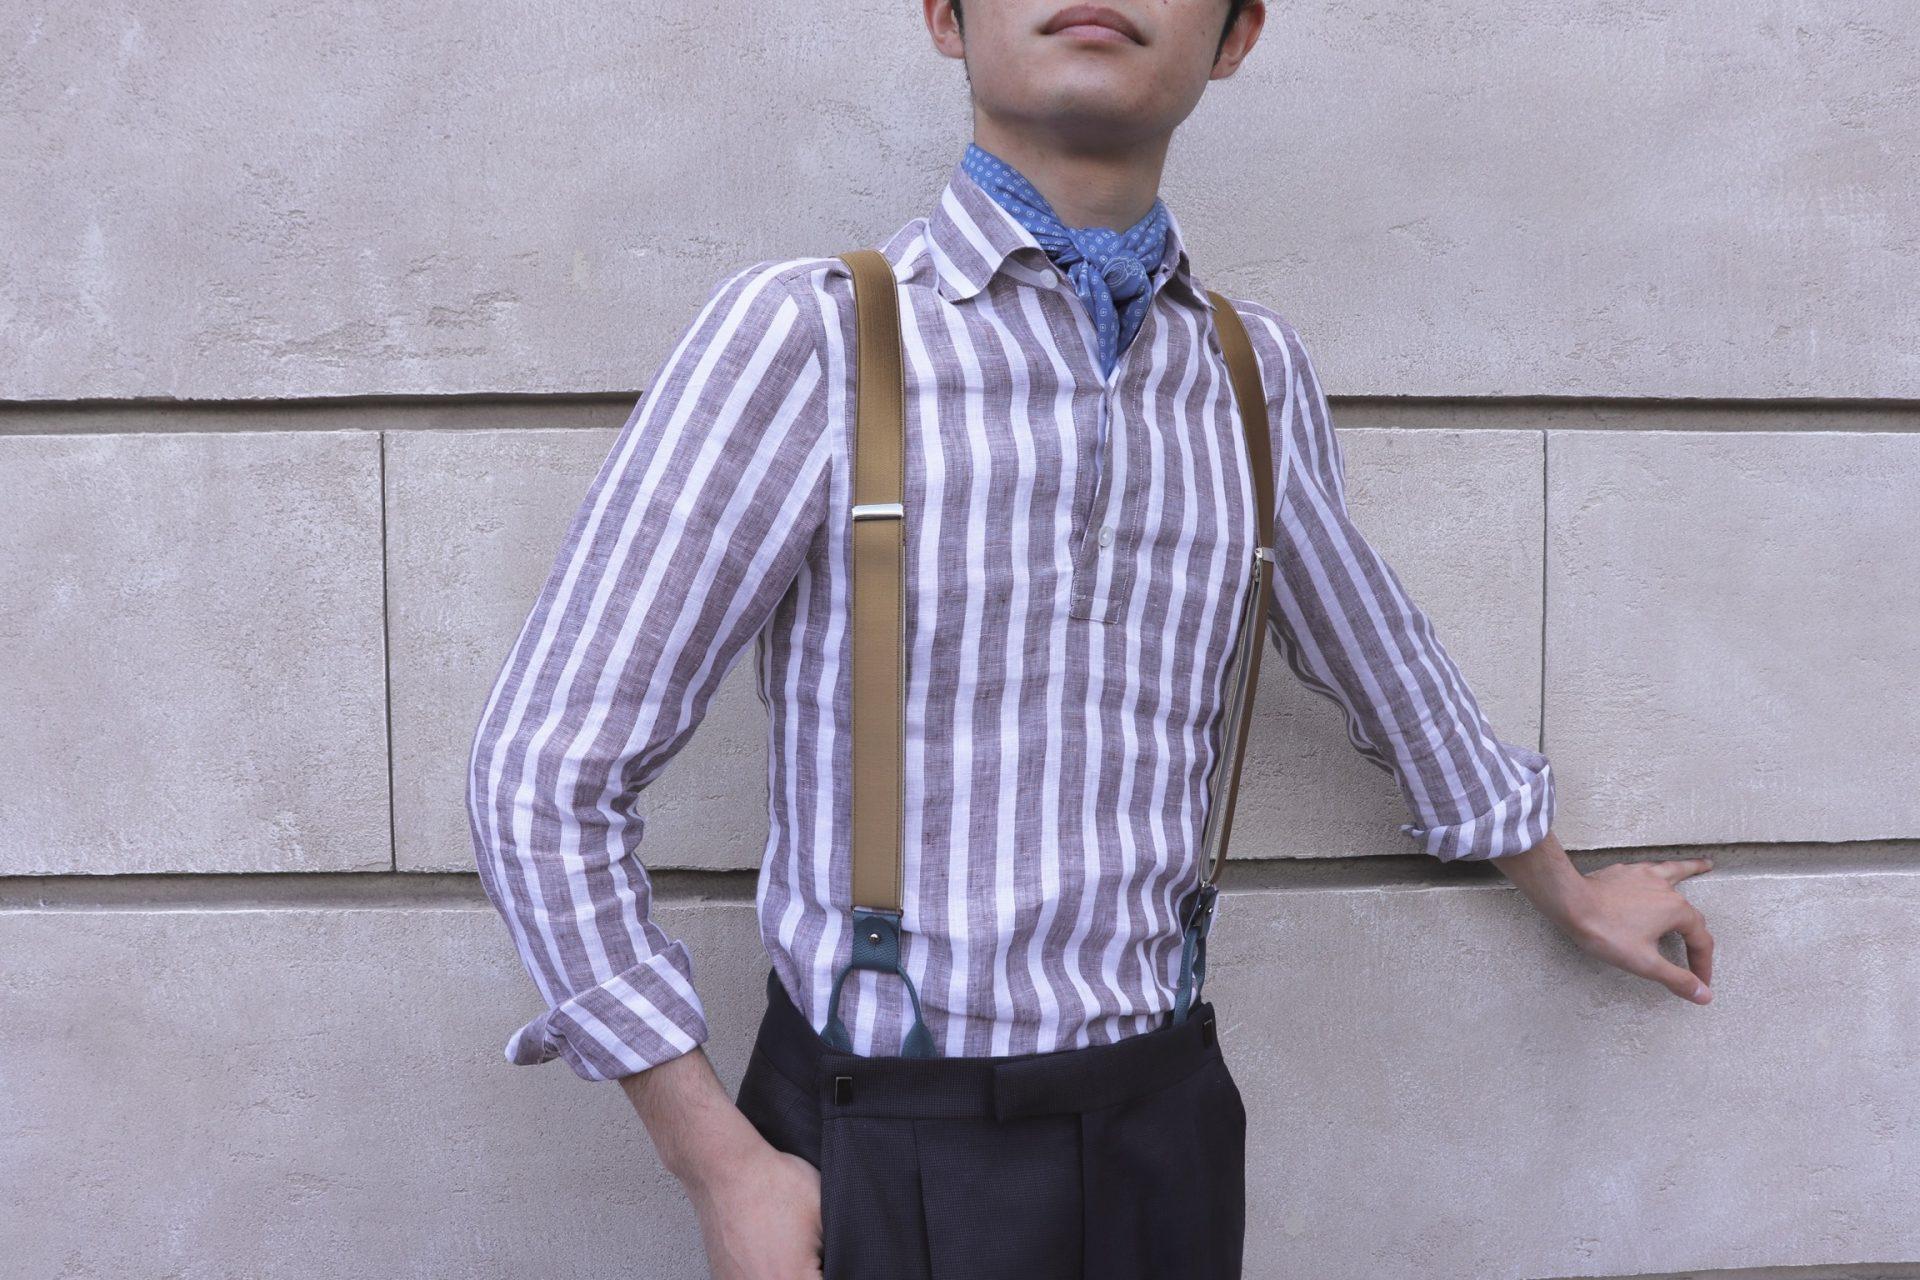 ザトリートドレッシング名古屋店でお勧めしたいお色直しスタイル